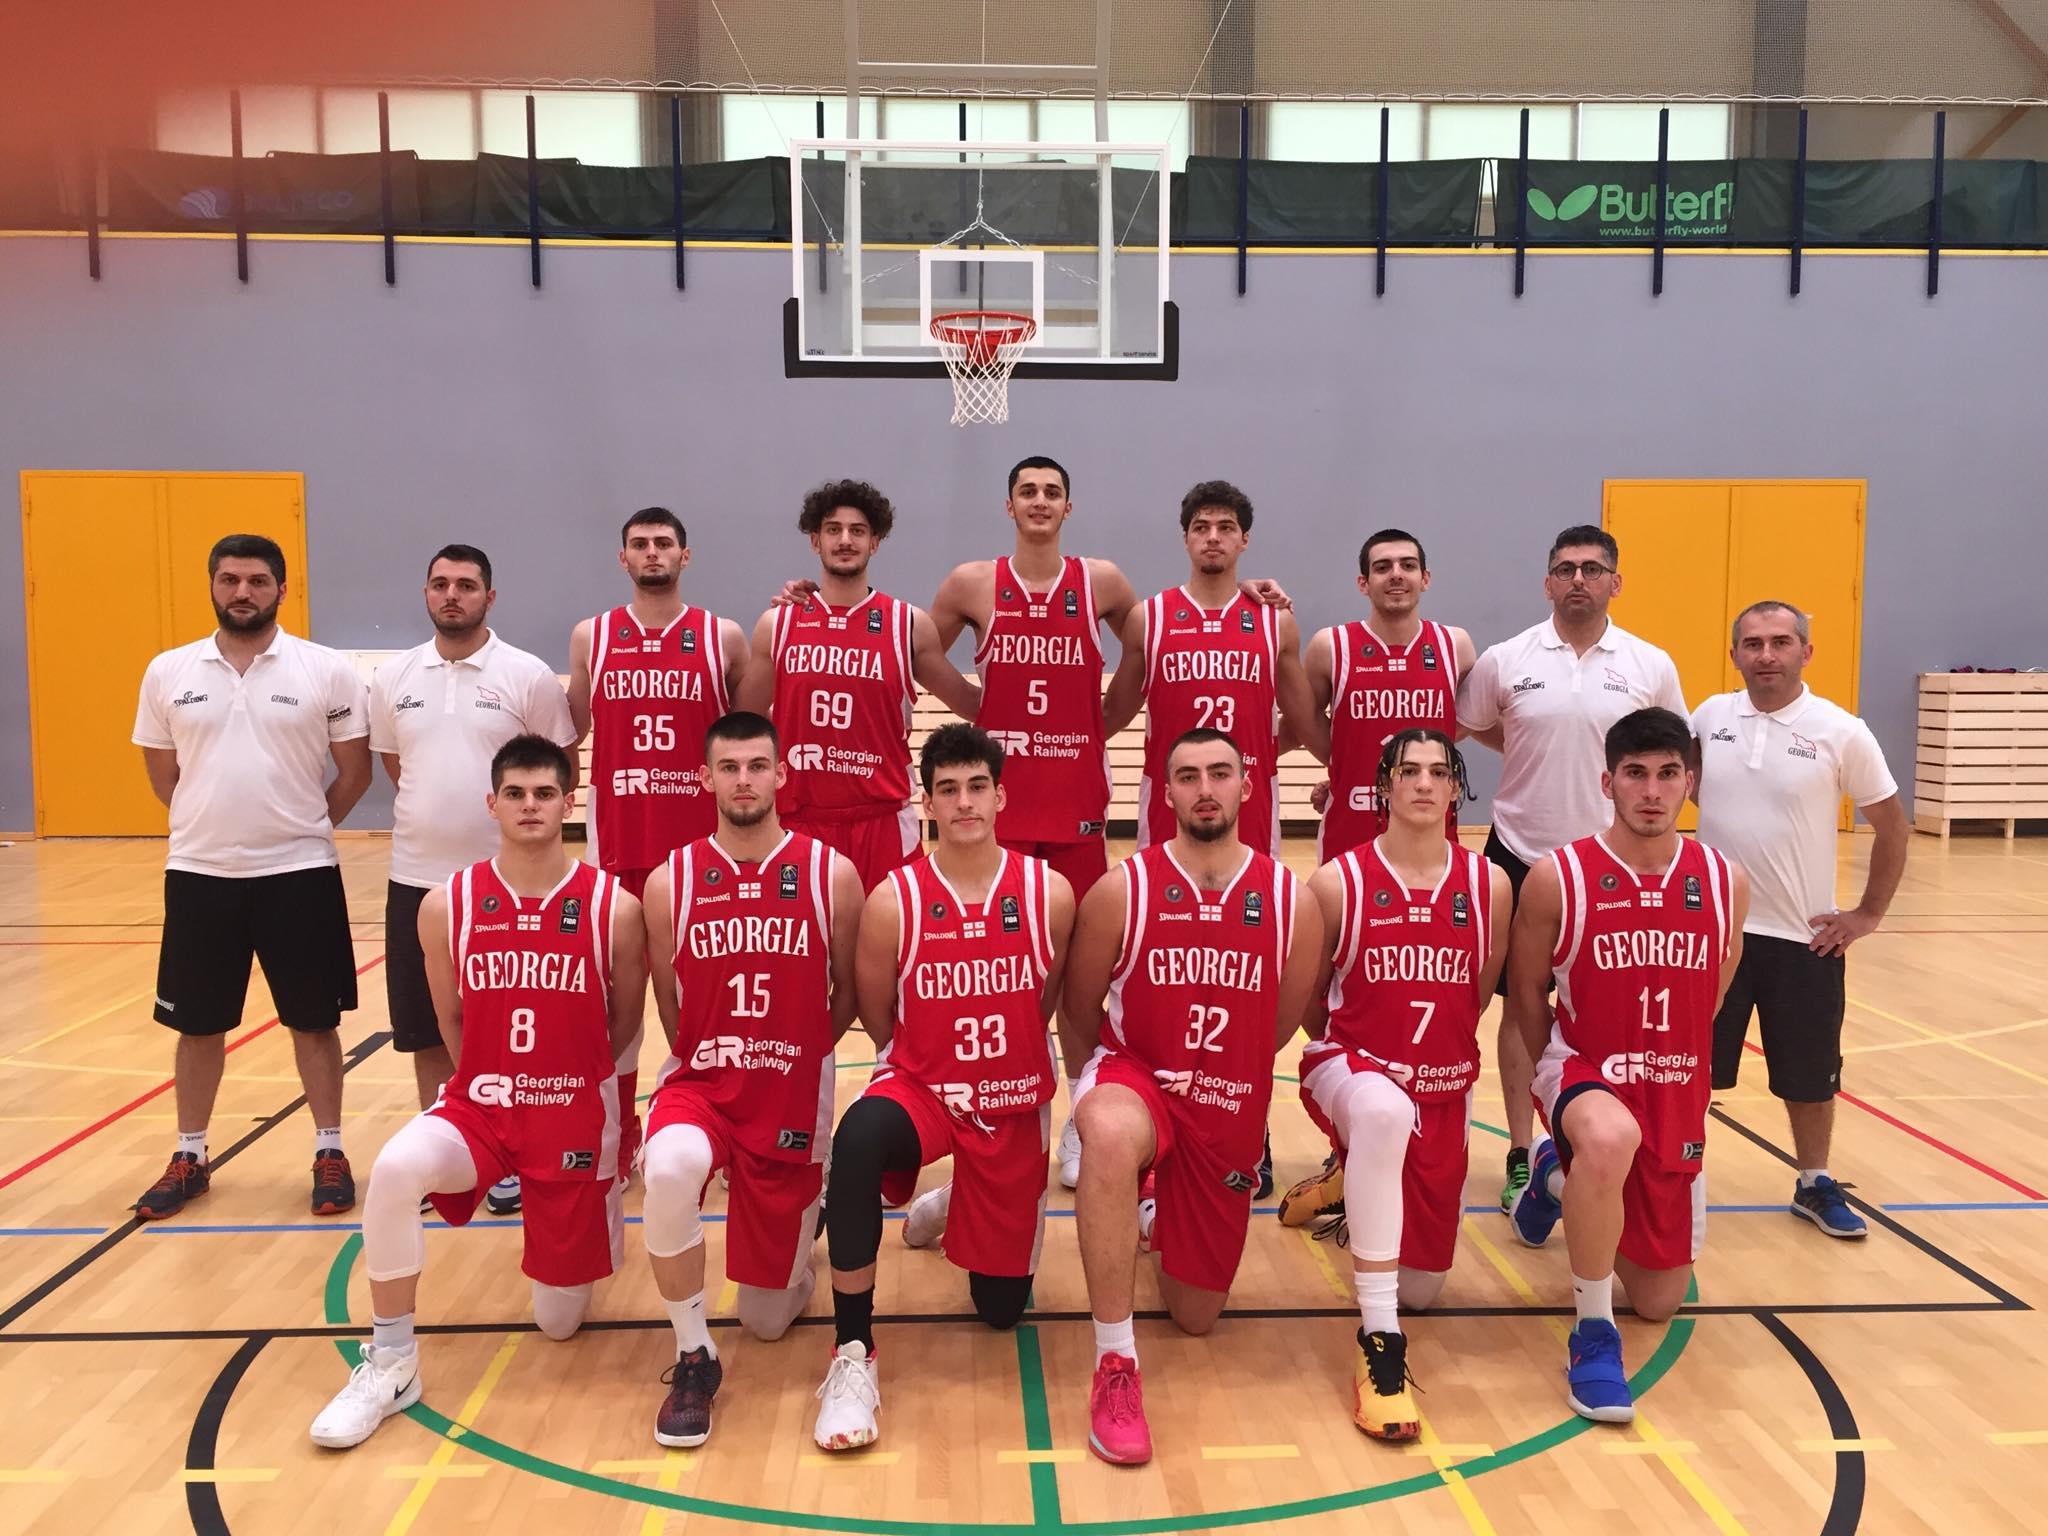 საქართველოს U18 ნაკრებმა ევროპის B დივიზიონი სლოვაკეთის ძლევით დაიწყო